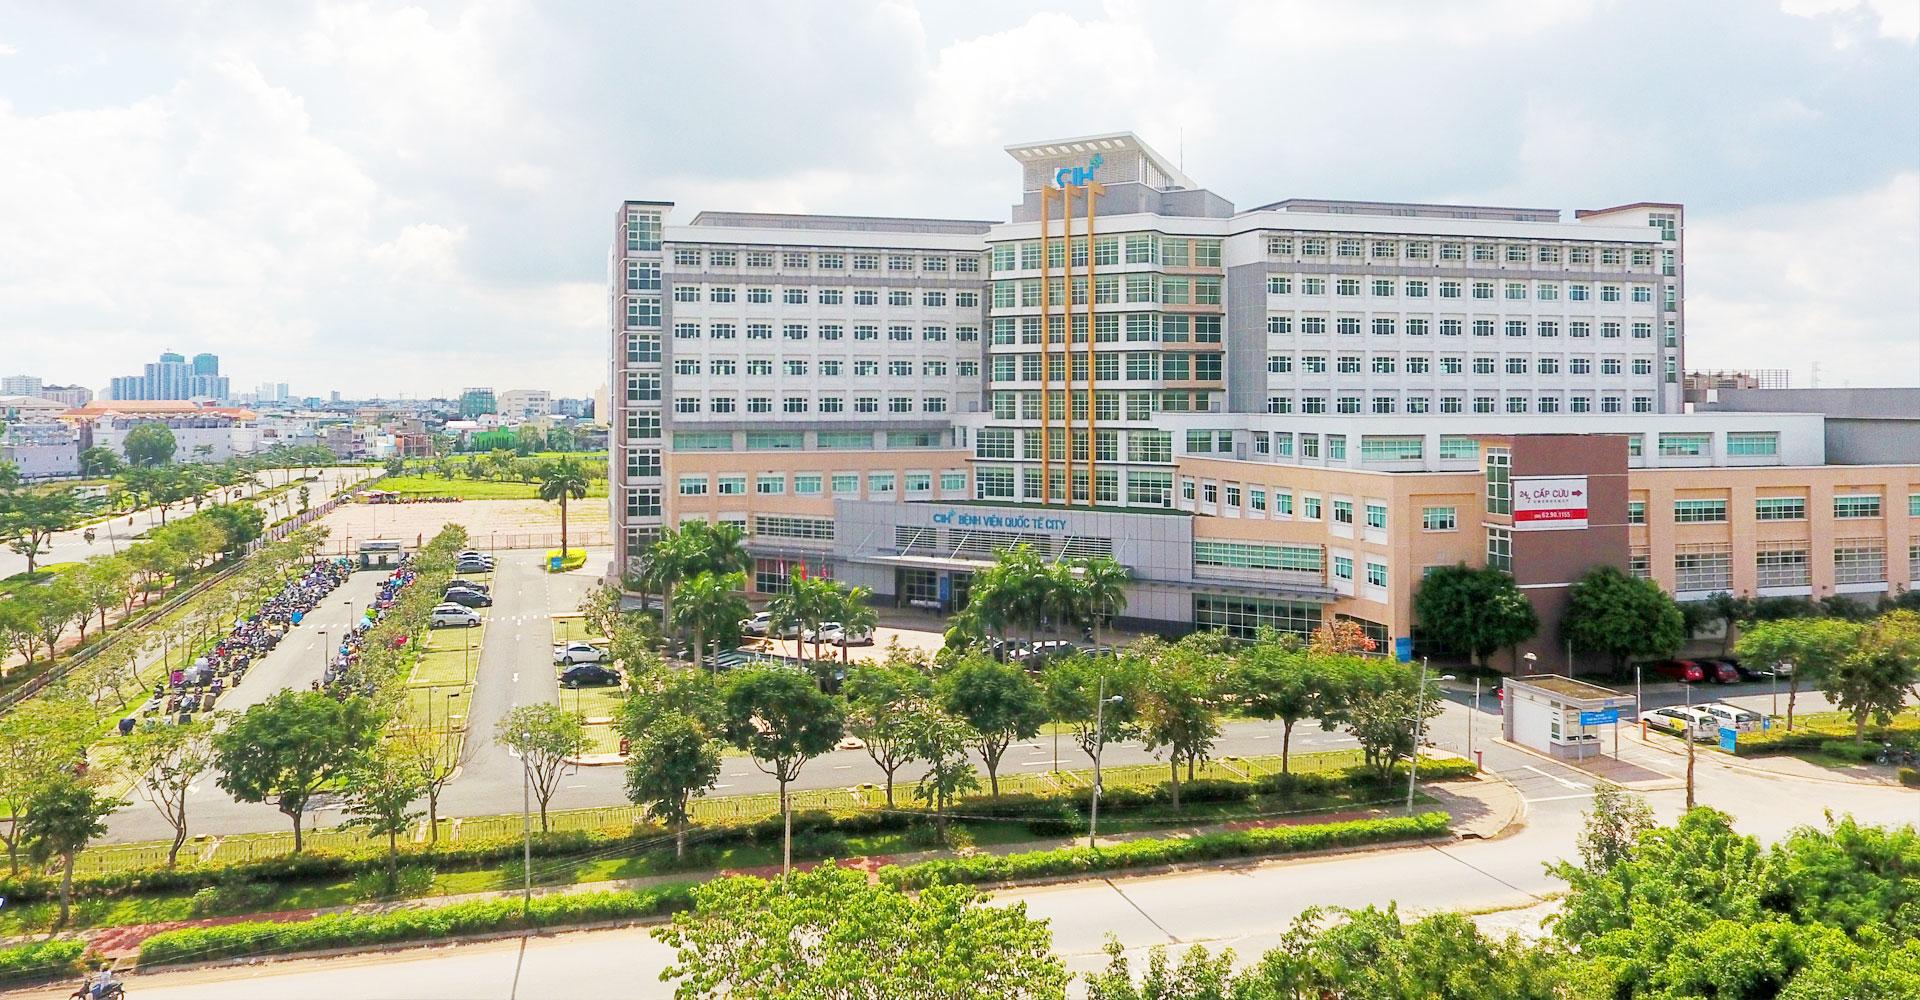 Trung tâm y tế kĩ thuật cao Hoa Lâm gần ngay dự án Sonata Residences quận Bình Tân